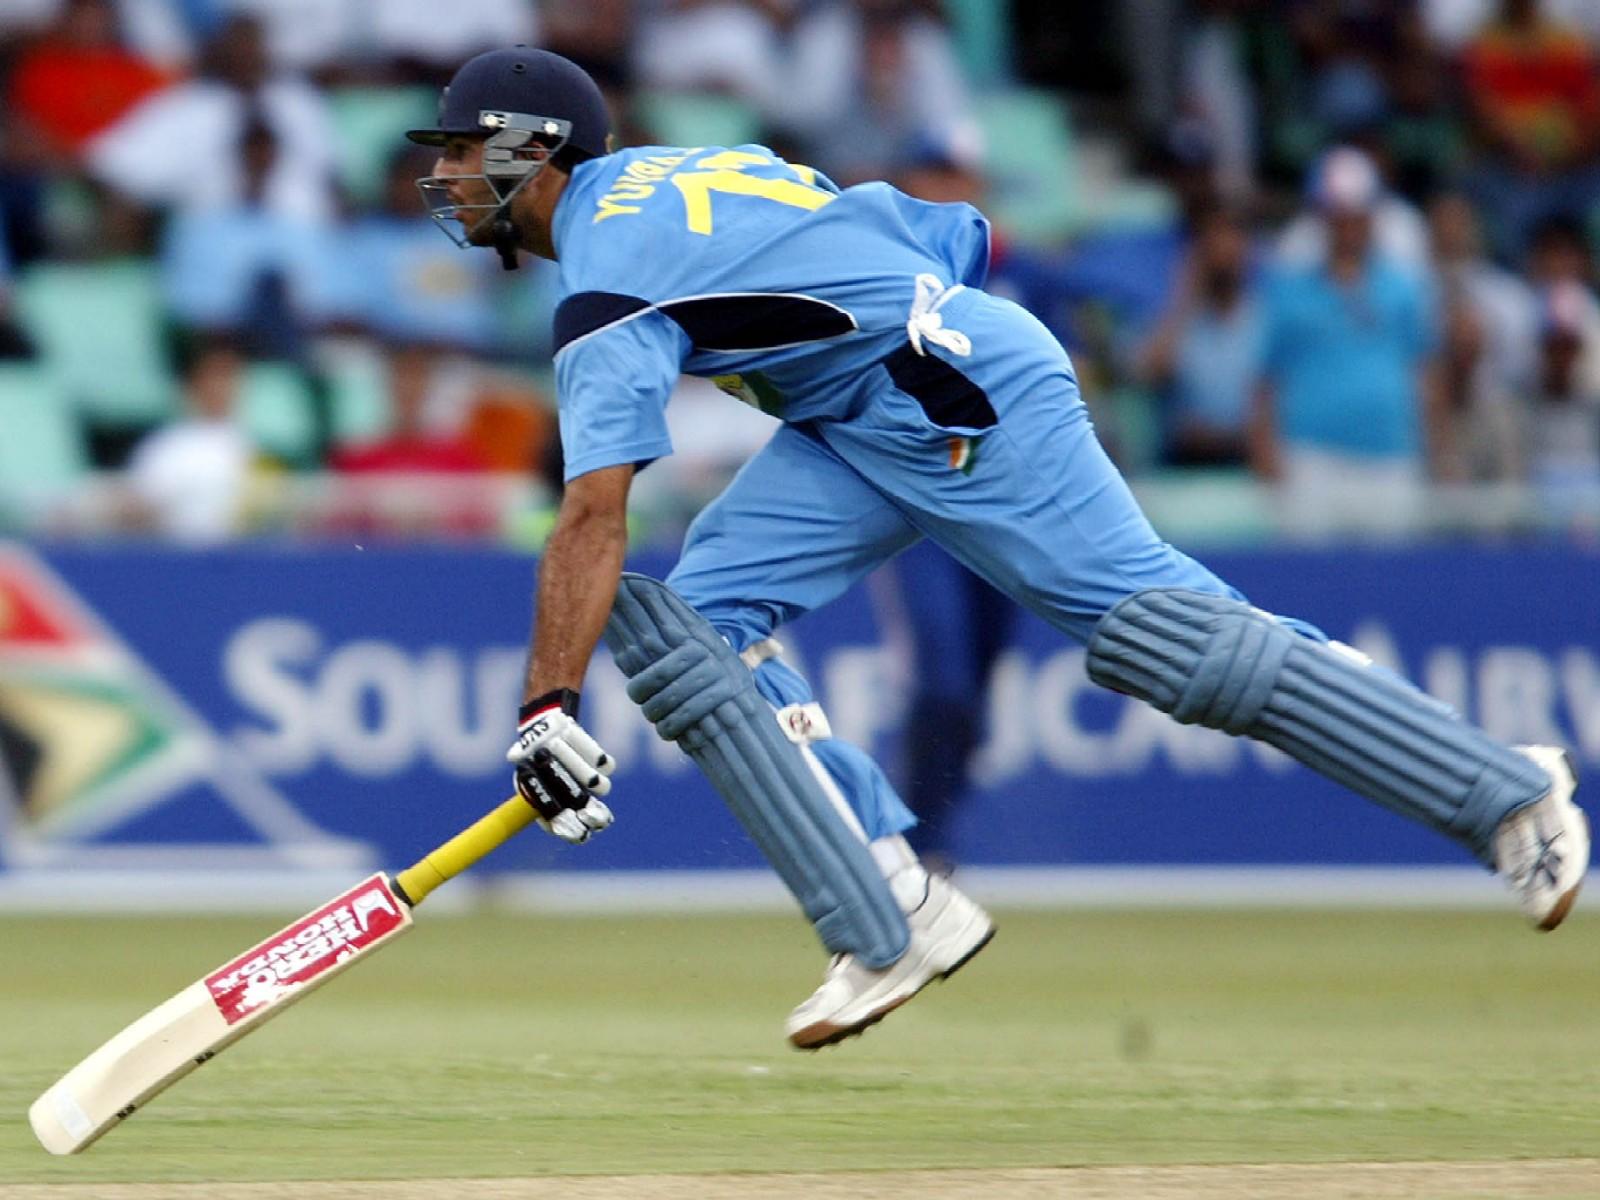 channal playing smart cricket - HD1200×900